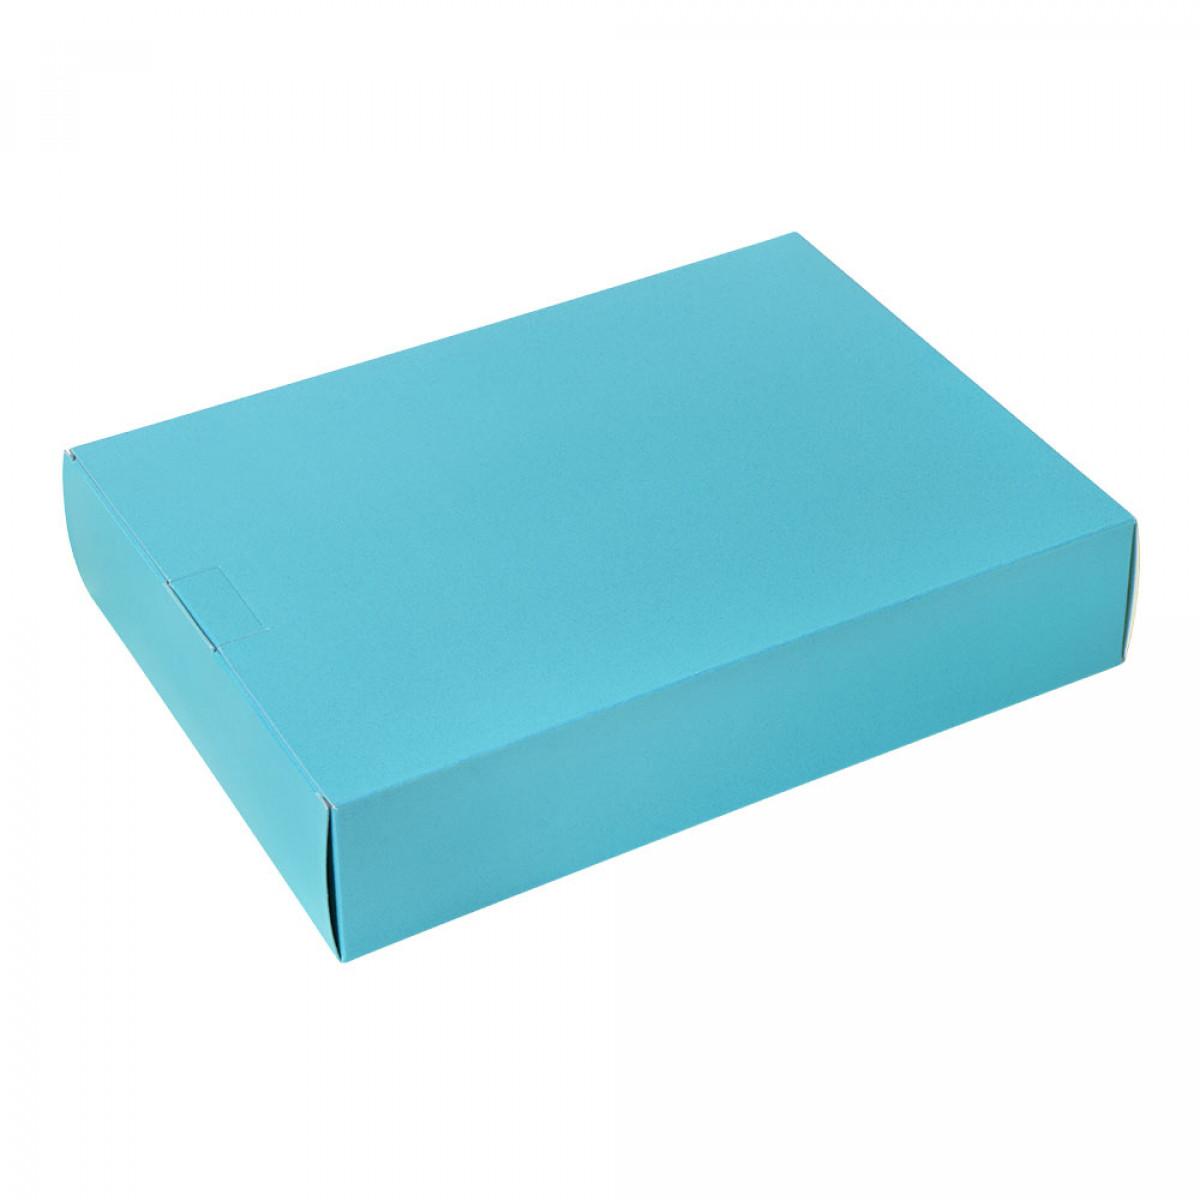 Packbox 420x305x90mm, Aquablauw